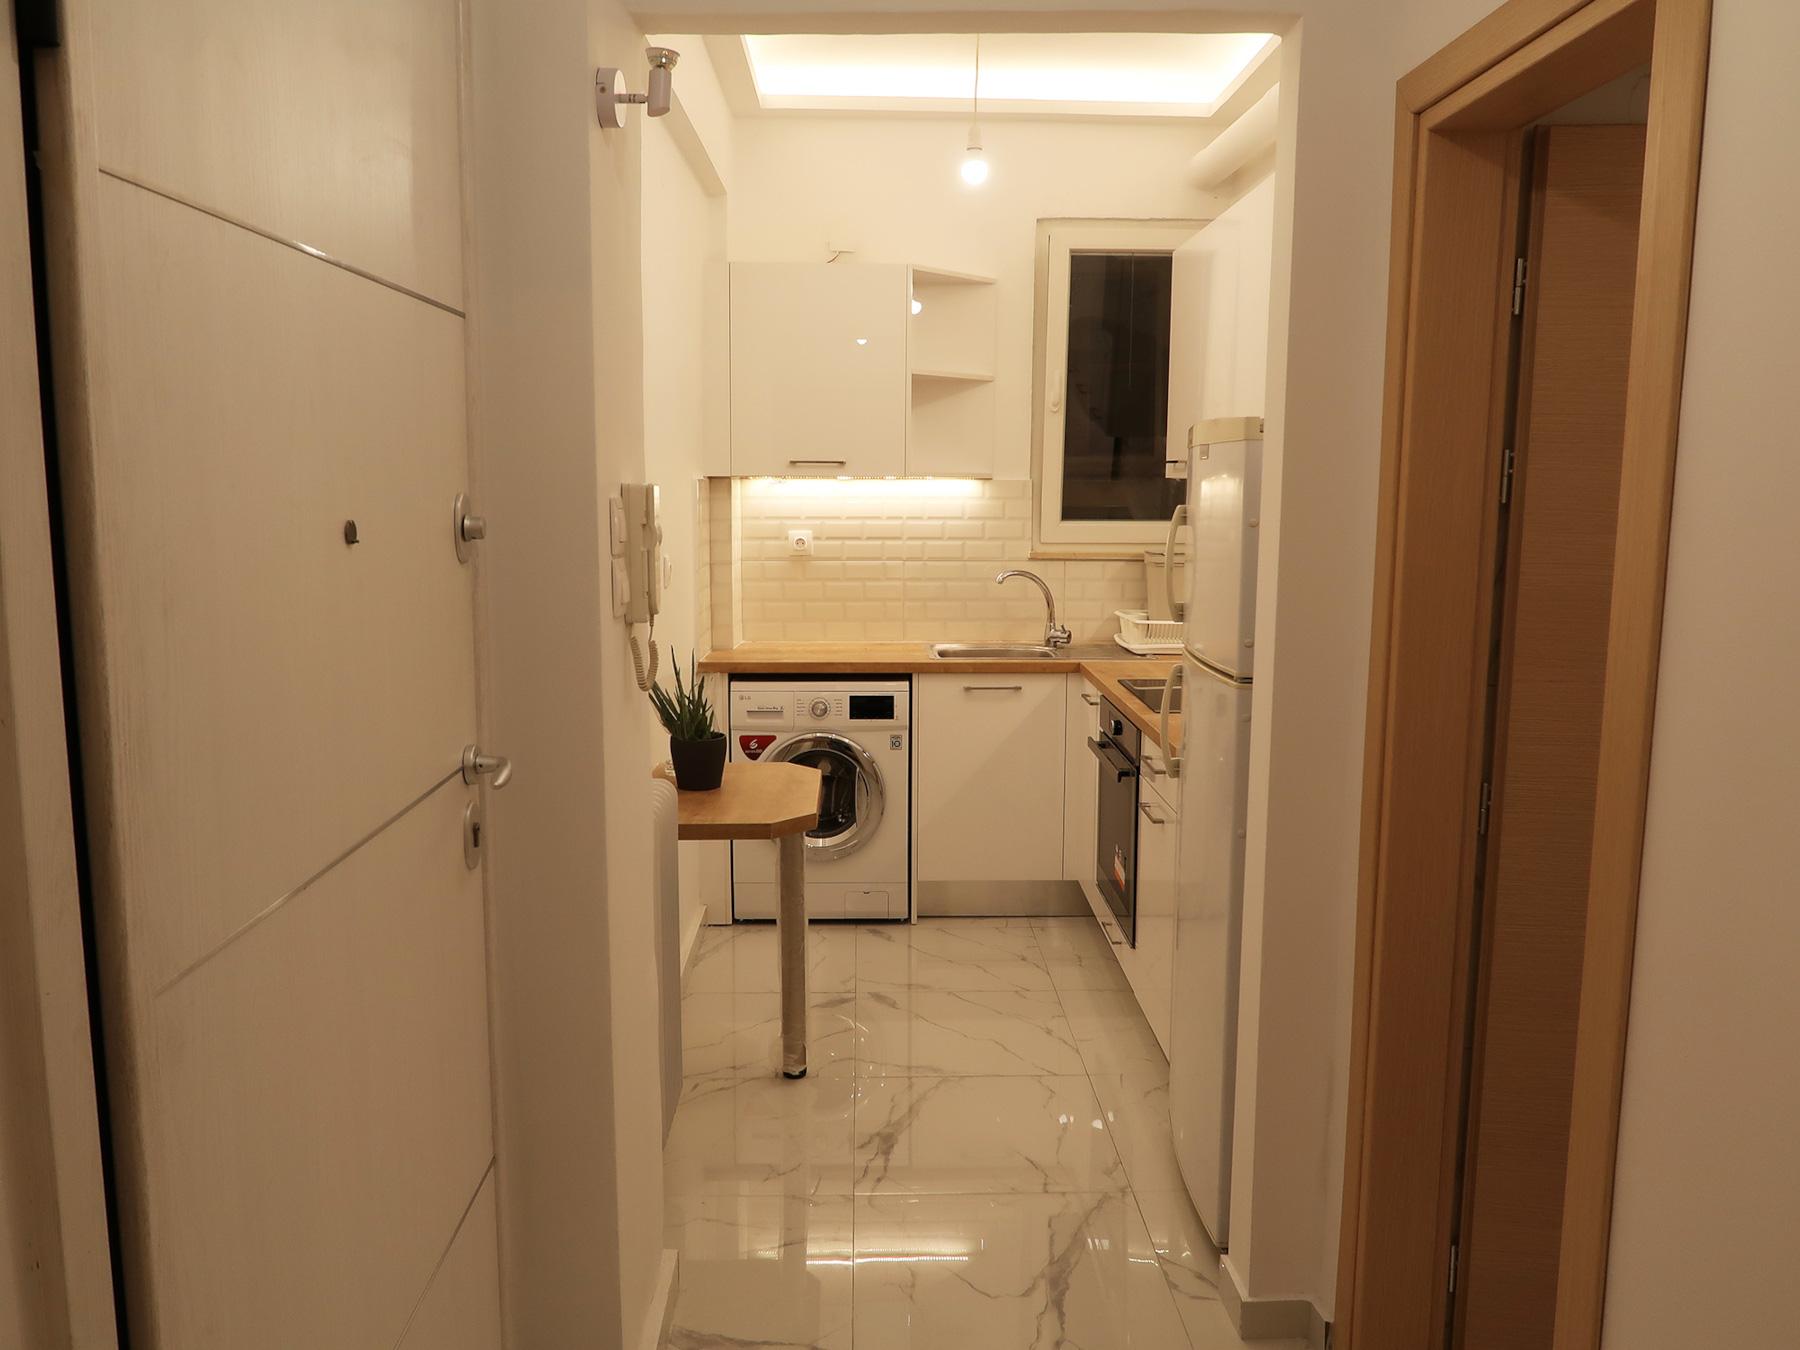 Ενοικιάζεται πλήρως ανακαινισμένη και επιπλωμένη δίχωρη γκαρσονιέρα 29 τ.μ. 2ου ορόφου στη Σμύρνης 11 στο κέντρο των Ιωαννίνων